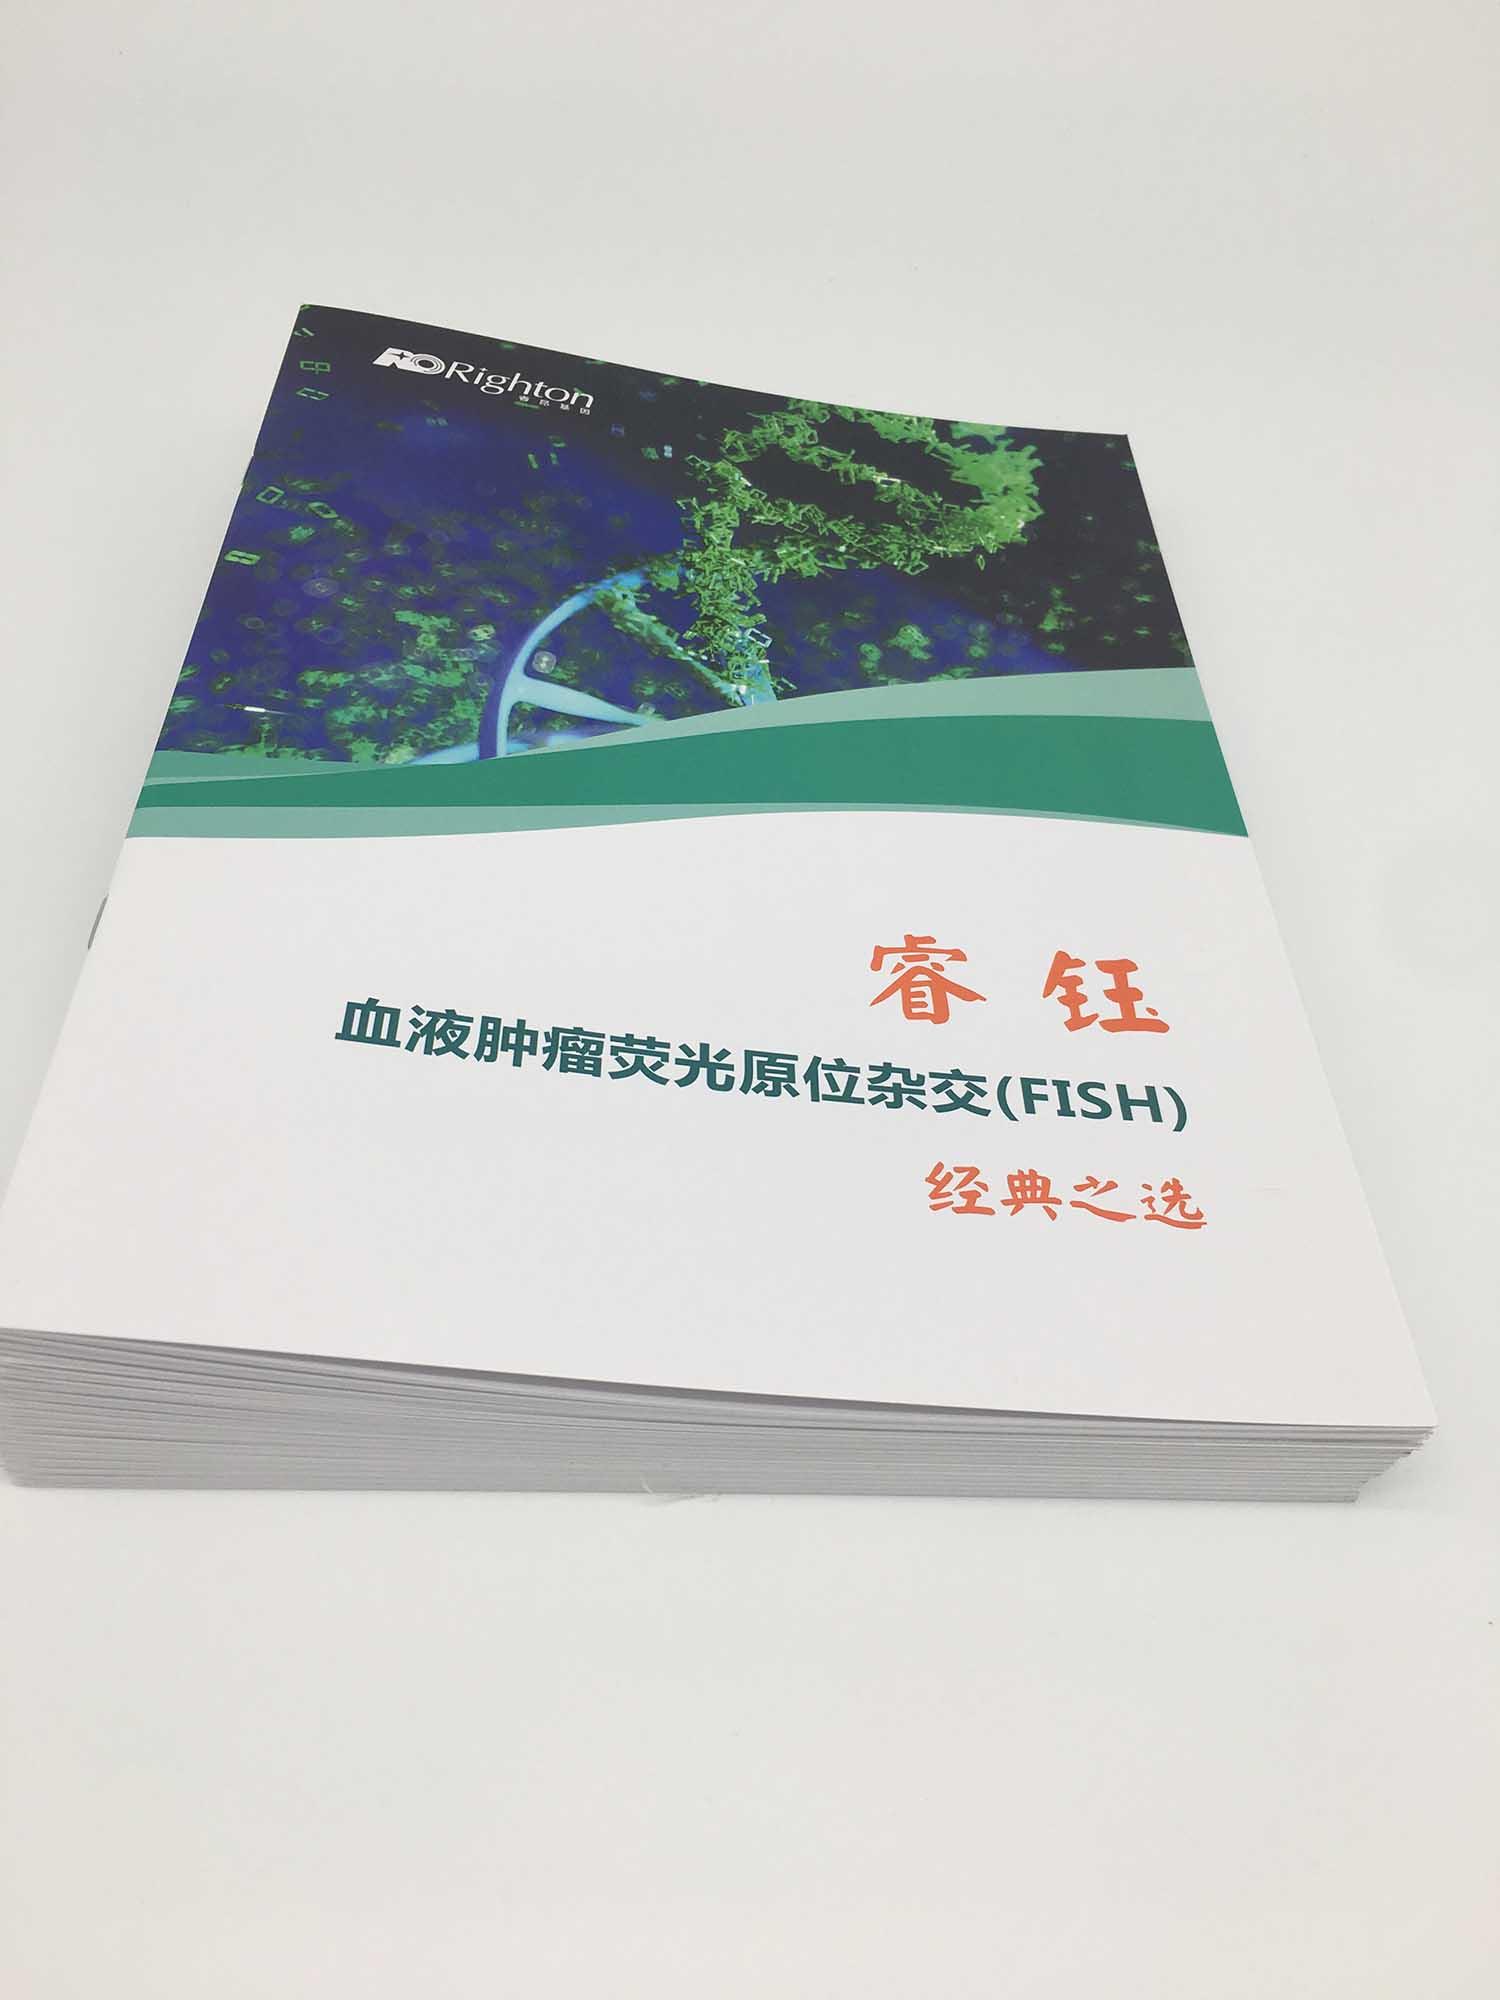 剑川公司样本册印刷制作